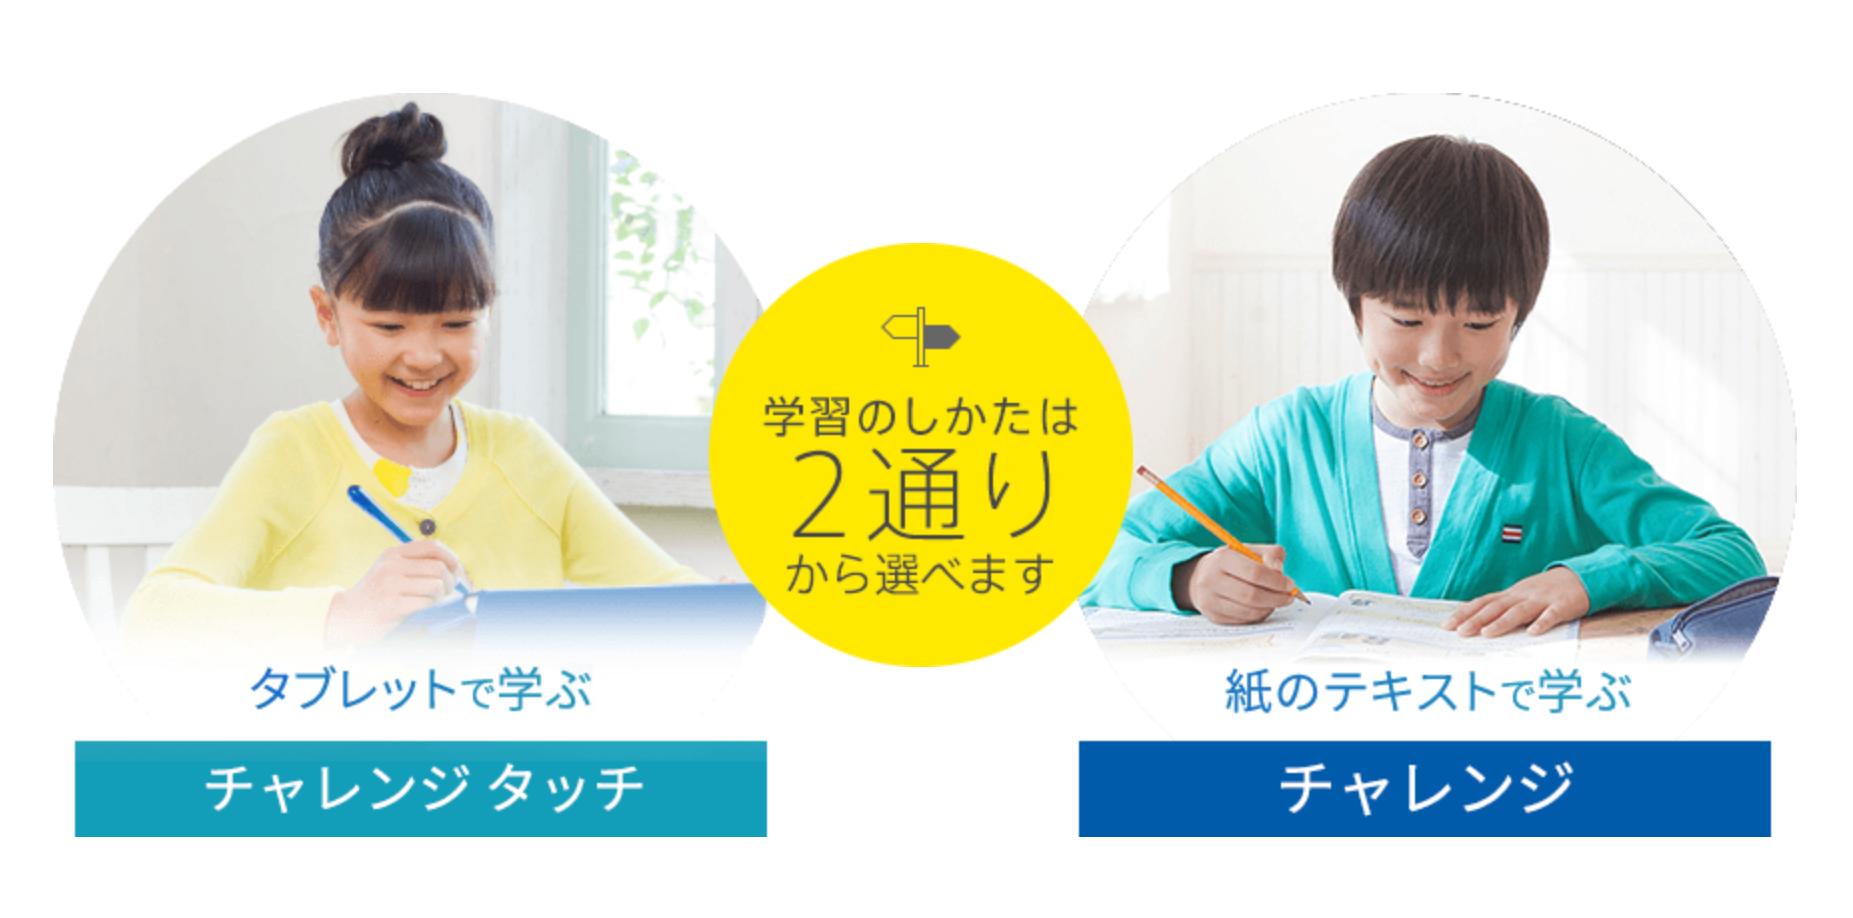 勉強する二人の子ども